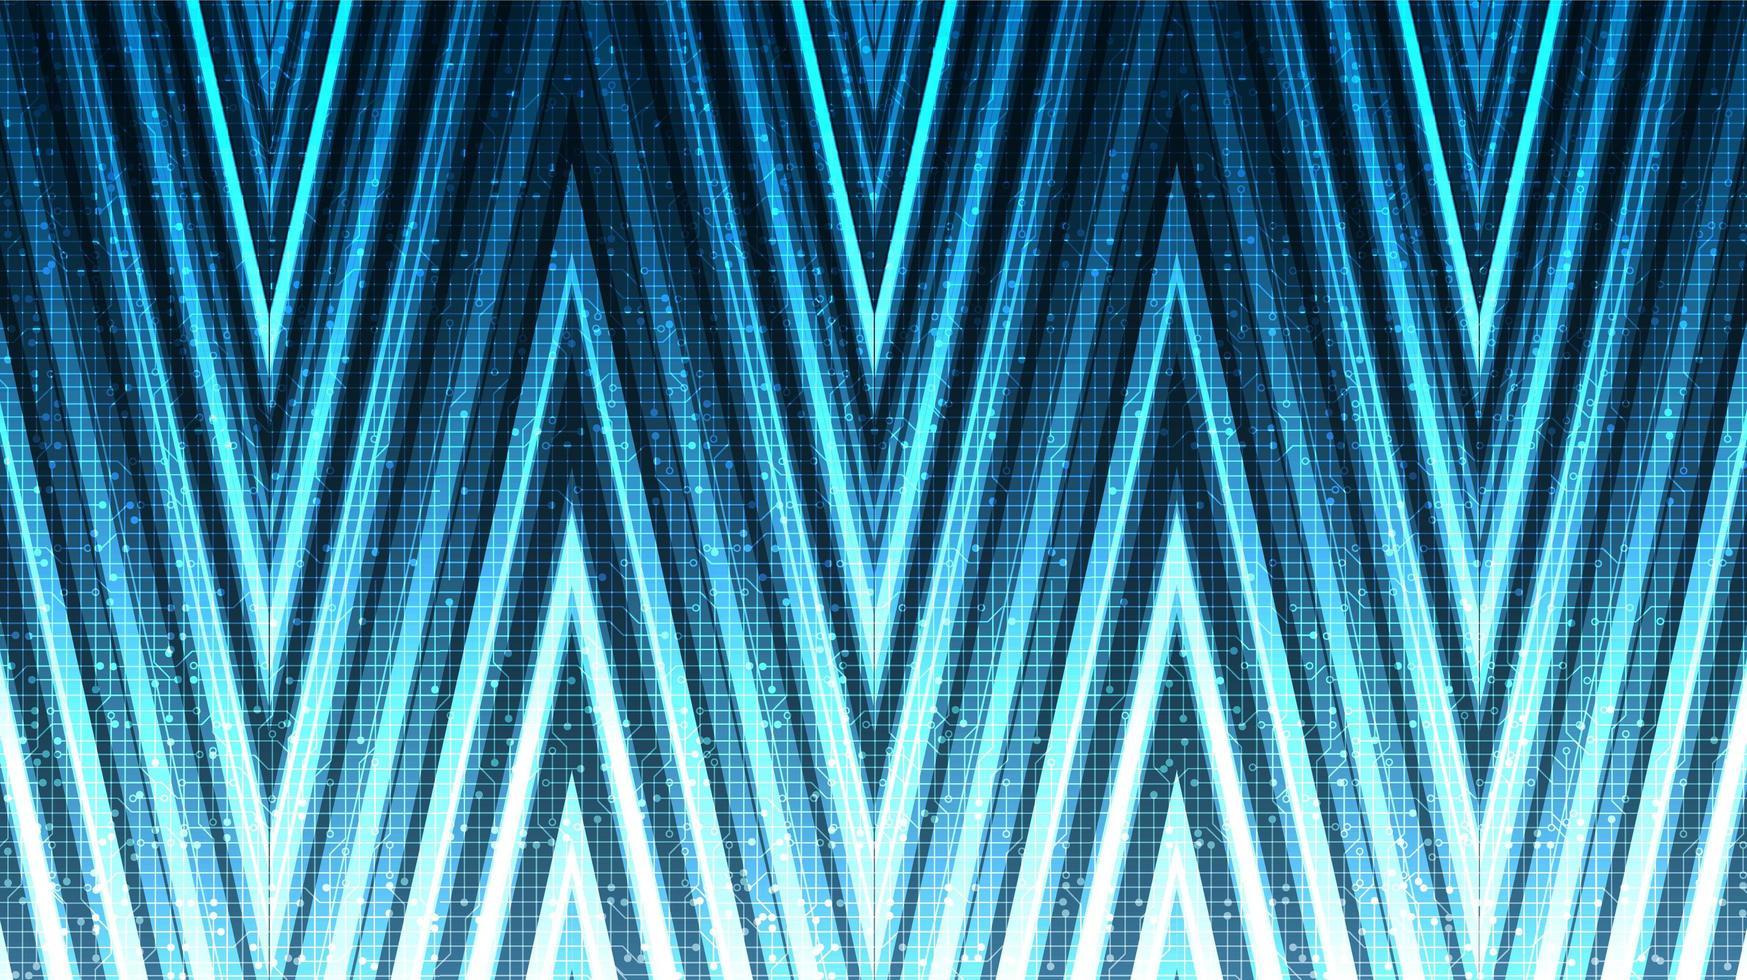 abstrakt pilteknologibakgrund, digital och anslutningskonceptdesign, vektorillustration. vektor